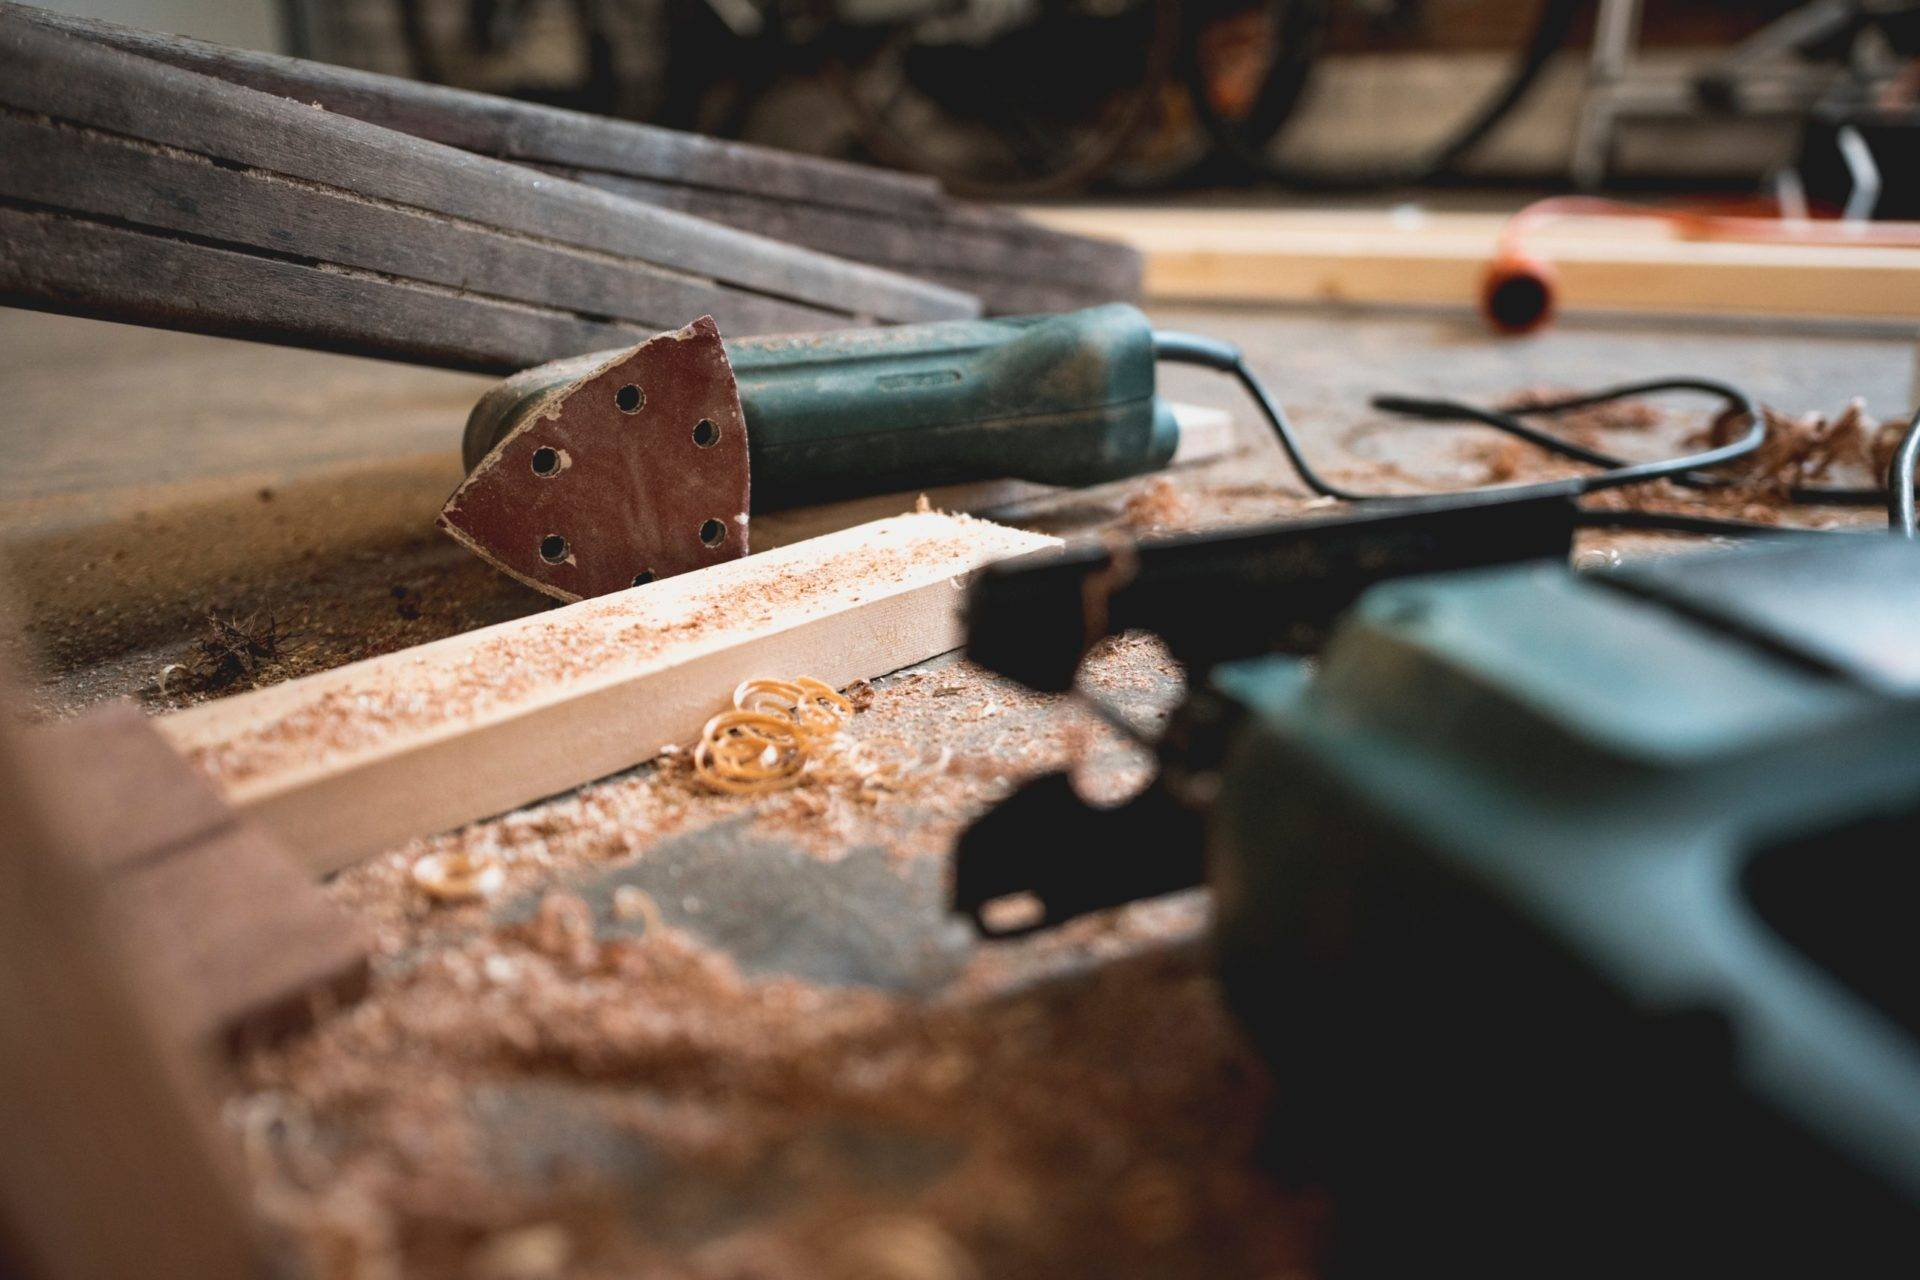 repairing tools on a floor